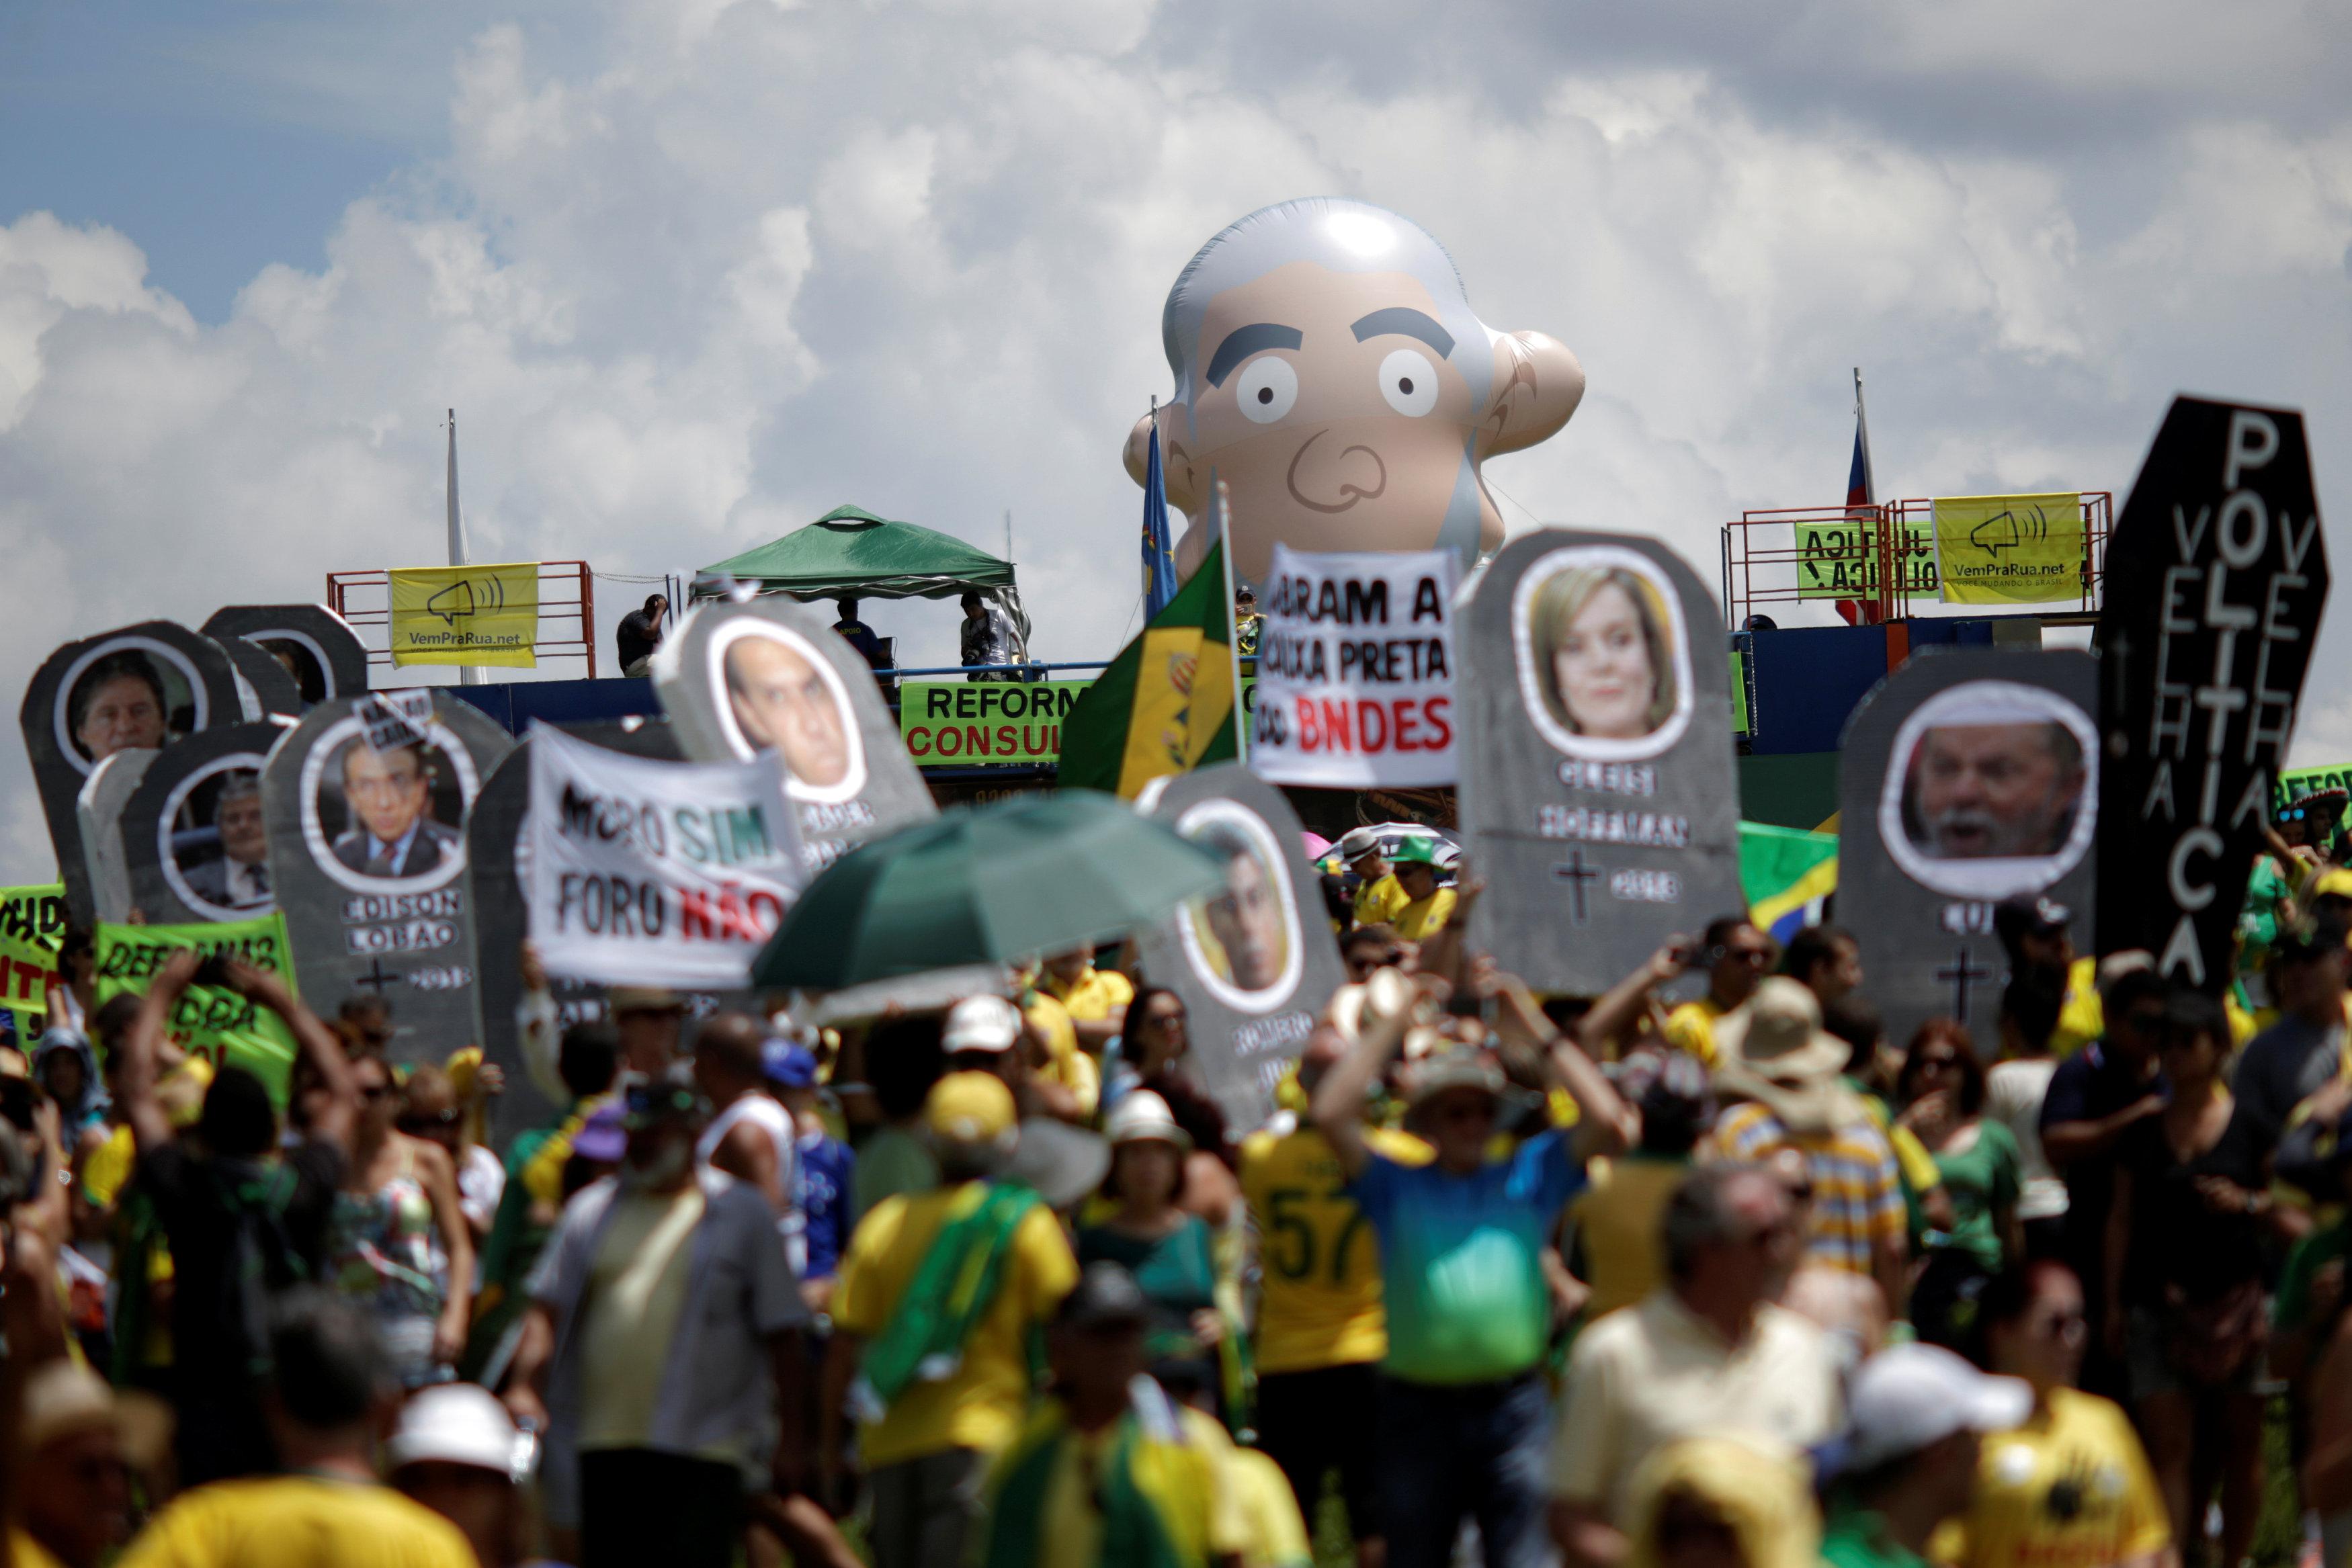 متظاهرون يحملون صورا للسياسيين البرازيليين أثناء احتجاجهم على الفساد